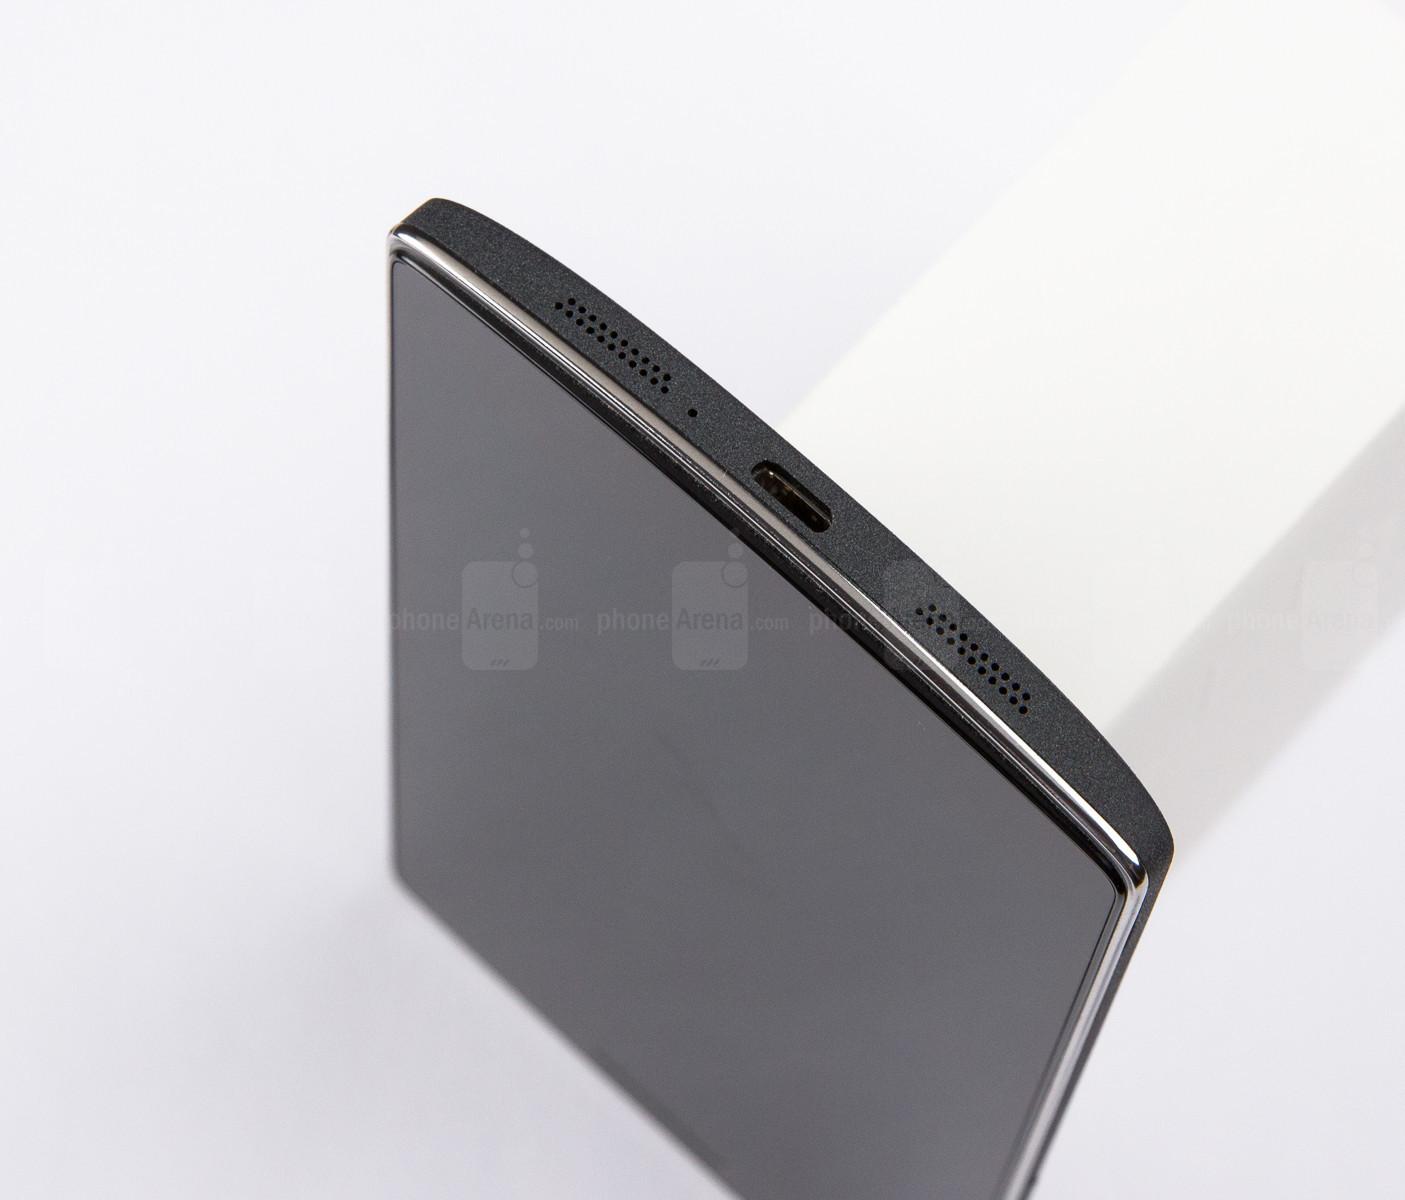 Nexus 2Stereo-speakers